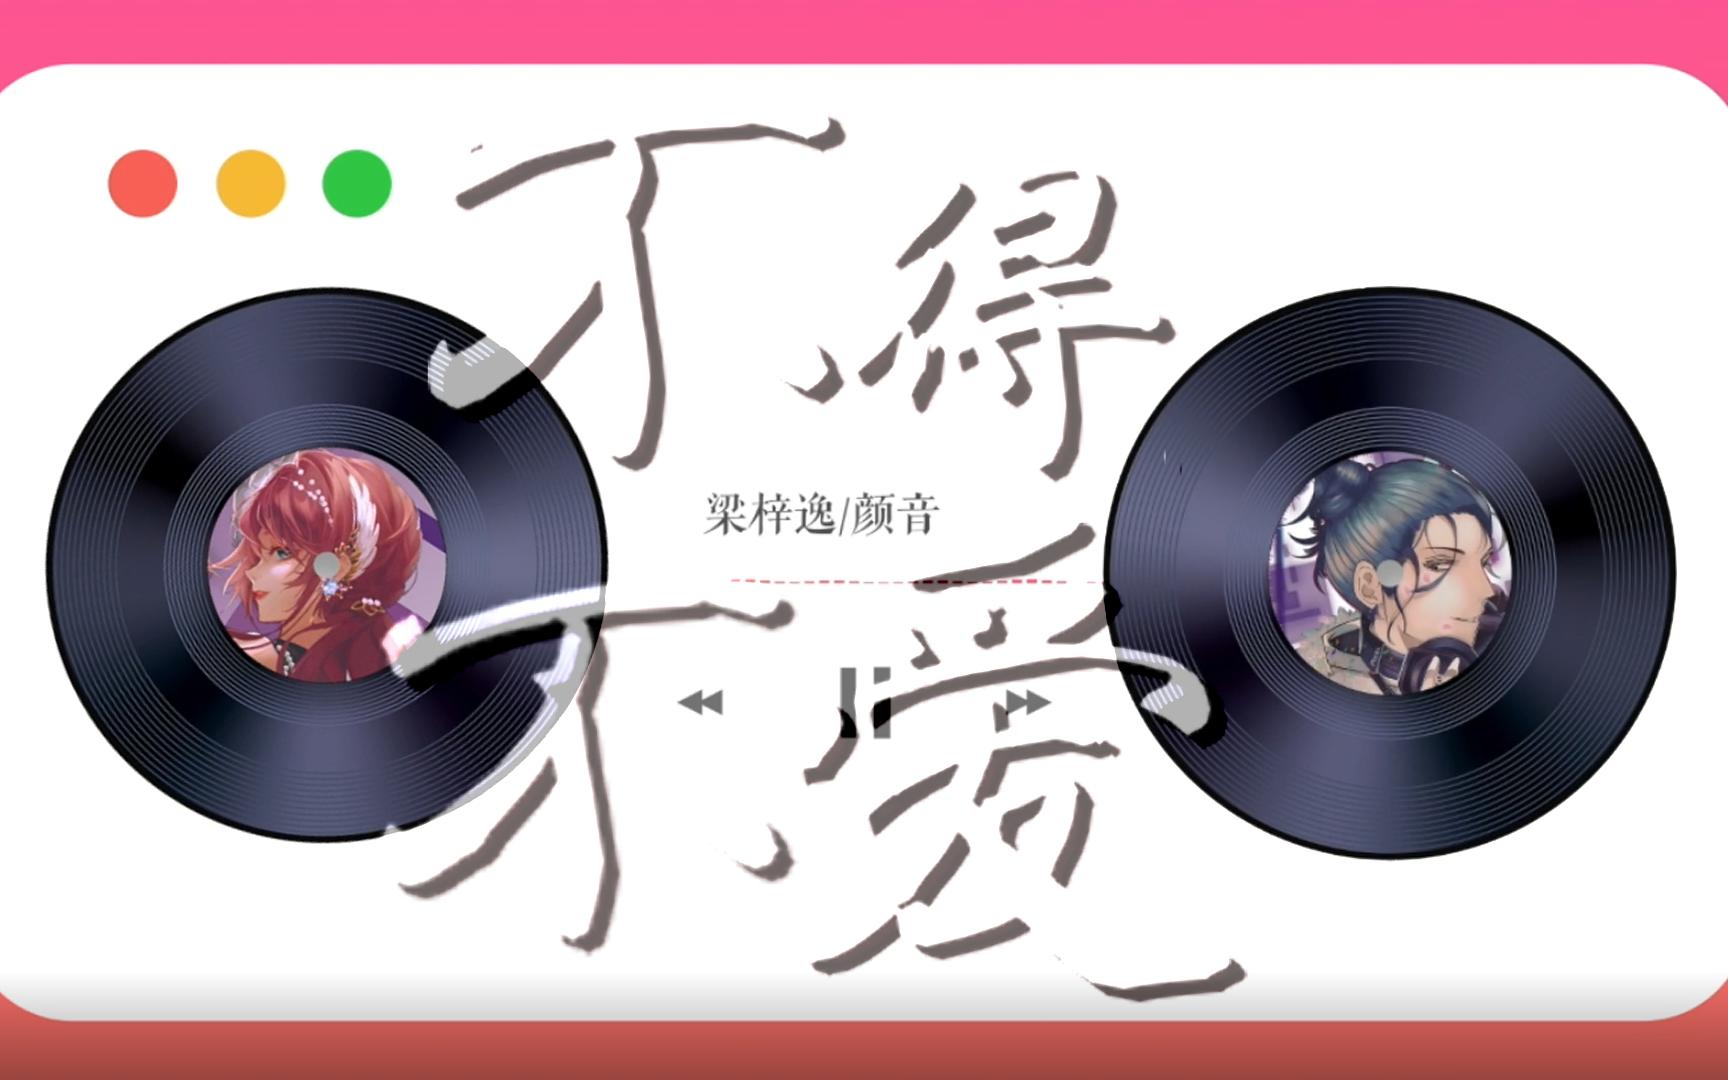 【颜音ft.梁梓逸】不得不爱(居然真的赶出来了?不敢相信。)